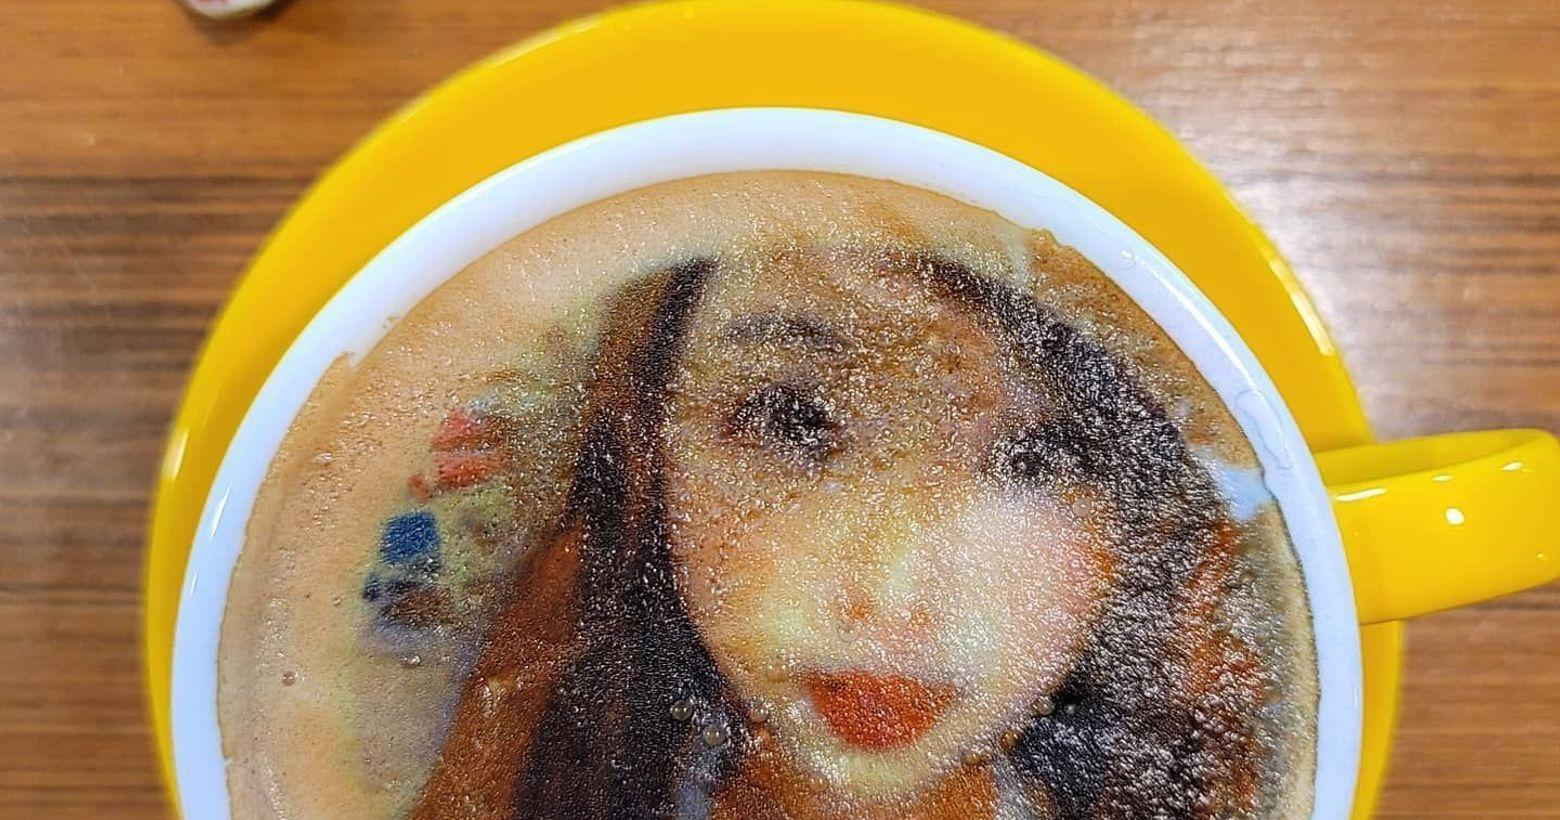 相片咖啡 你有嗎?我的天天天天呀~~~看到沒有我的照片在咖啡上面😍怎麼那麼可愛啦人家是兔兔那麼可愛